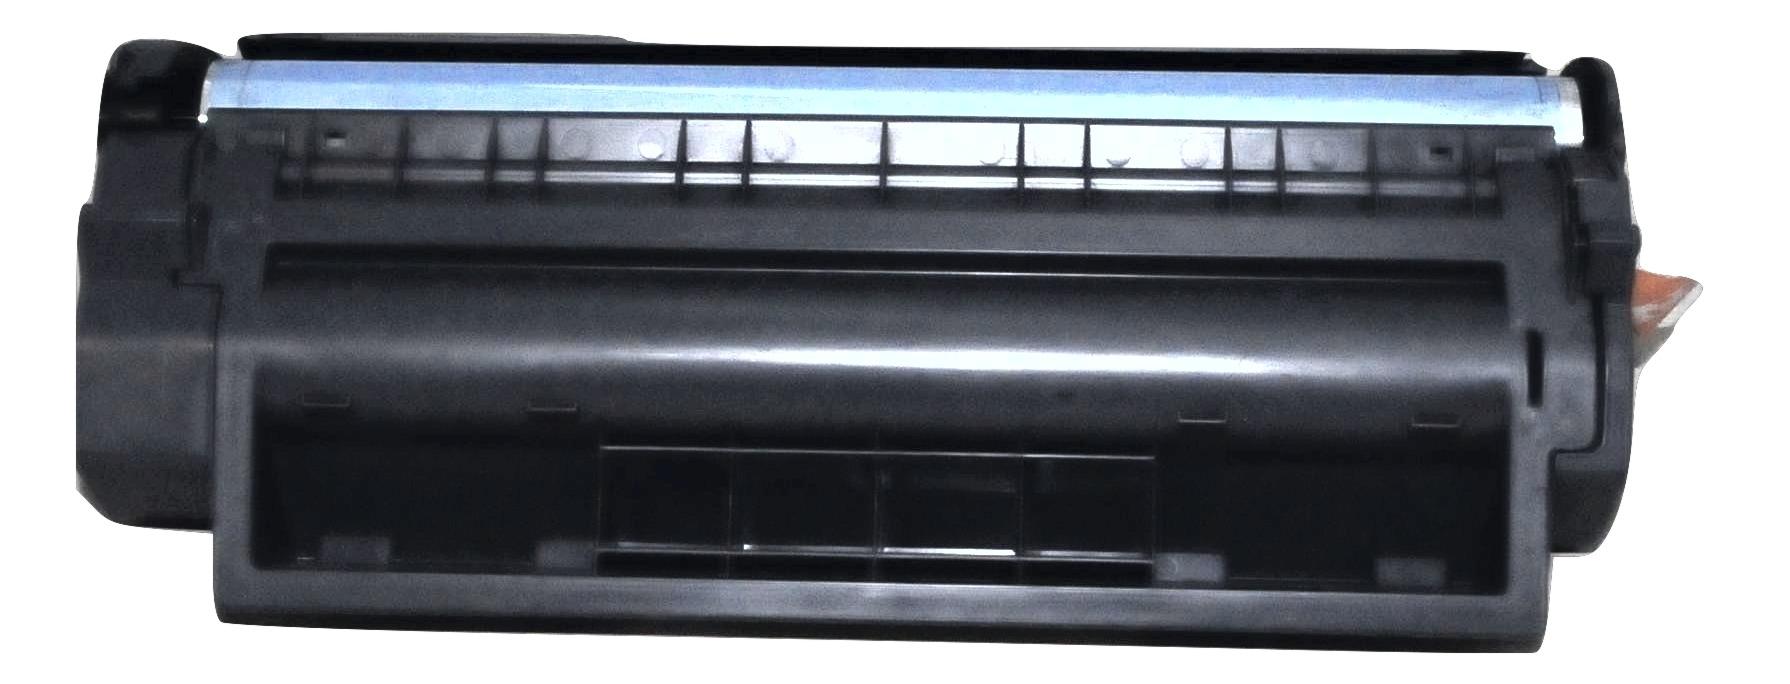 Kompatibler Toner ERSETZT Nr. 24A / Q2624A black